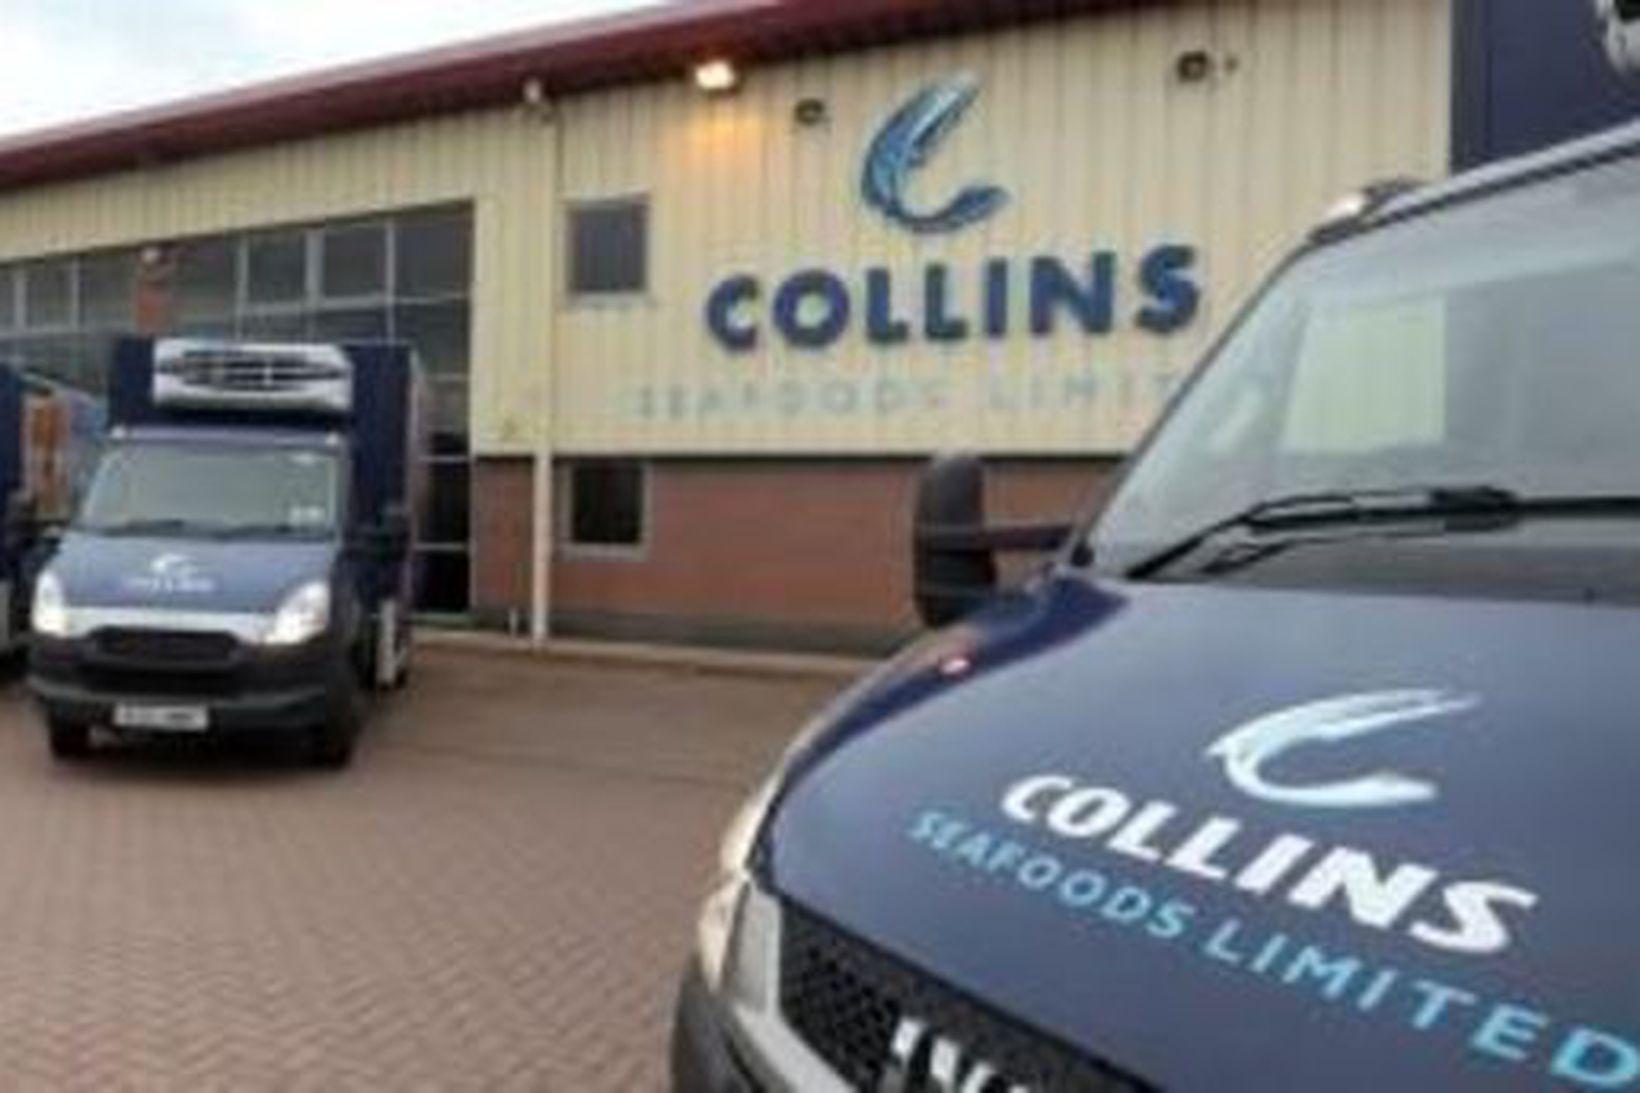 Collins Seafood var stofnað fyrir 35 árum.